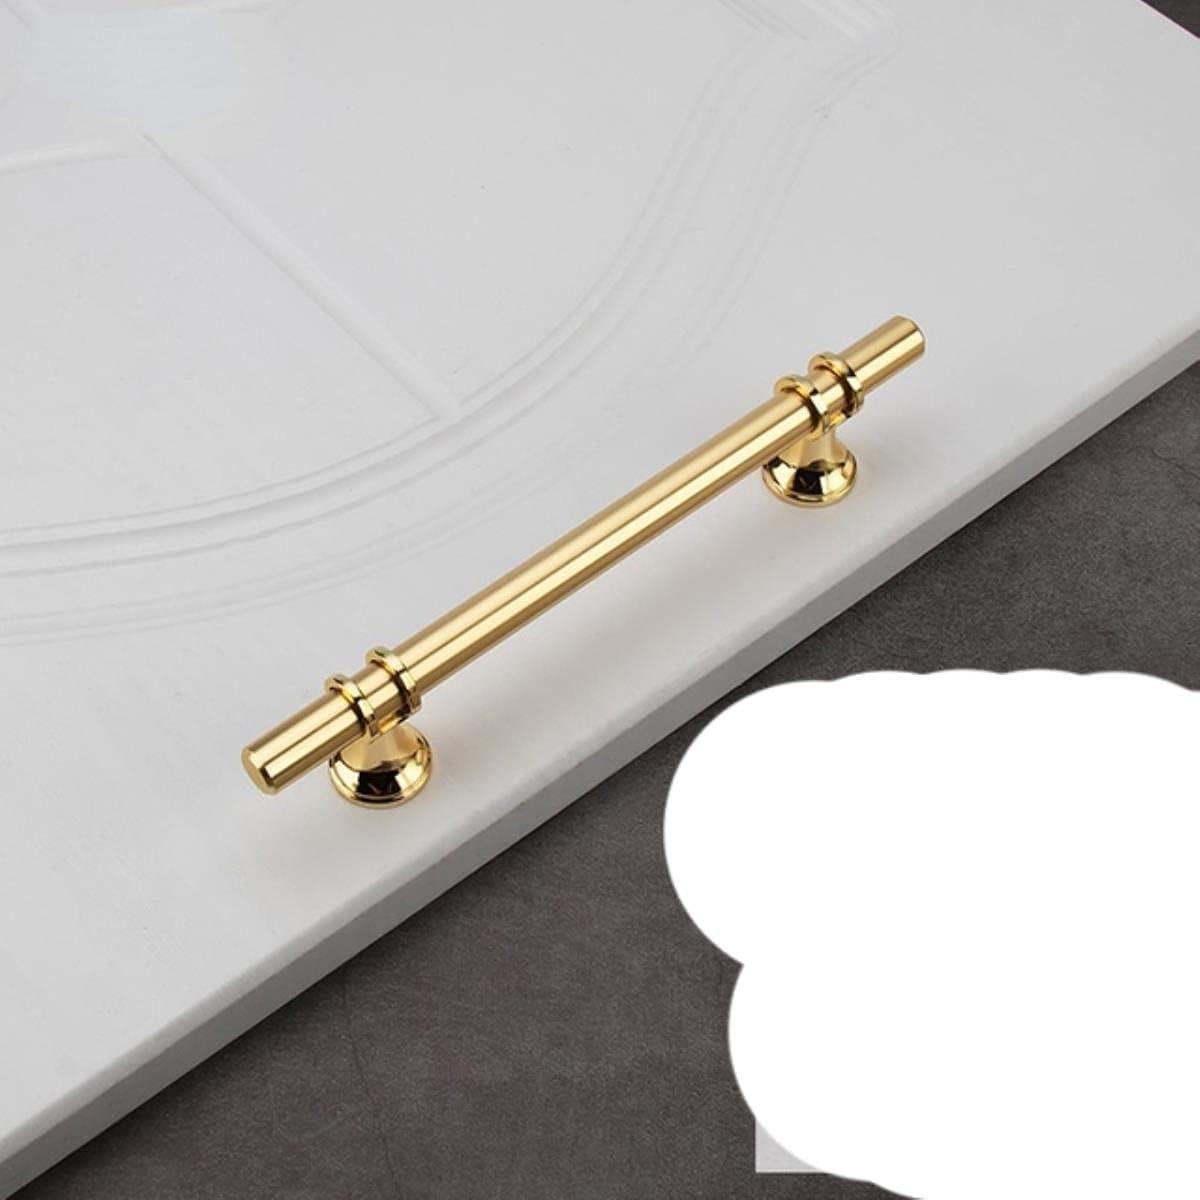 Manijas de aleación de zinc para muebles, perillas para gabinetes de cocina, manijas para armarios y cajones, manijas para puertas doradas y negras-Gold128MM